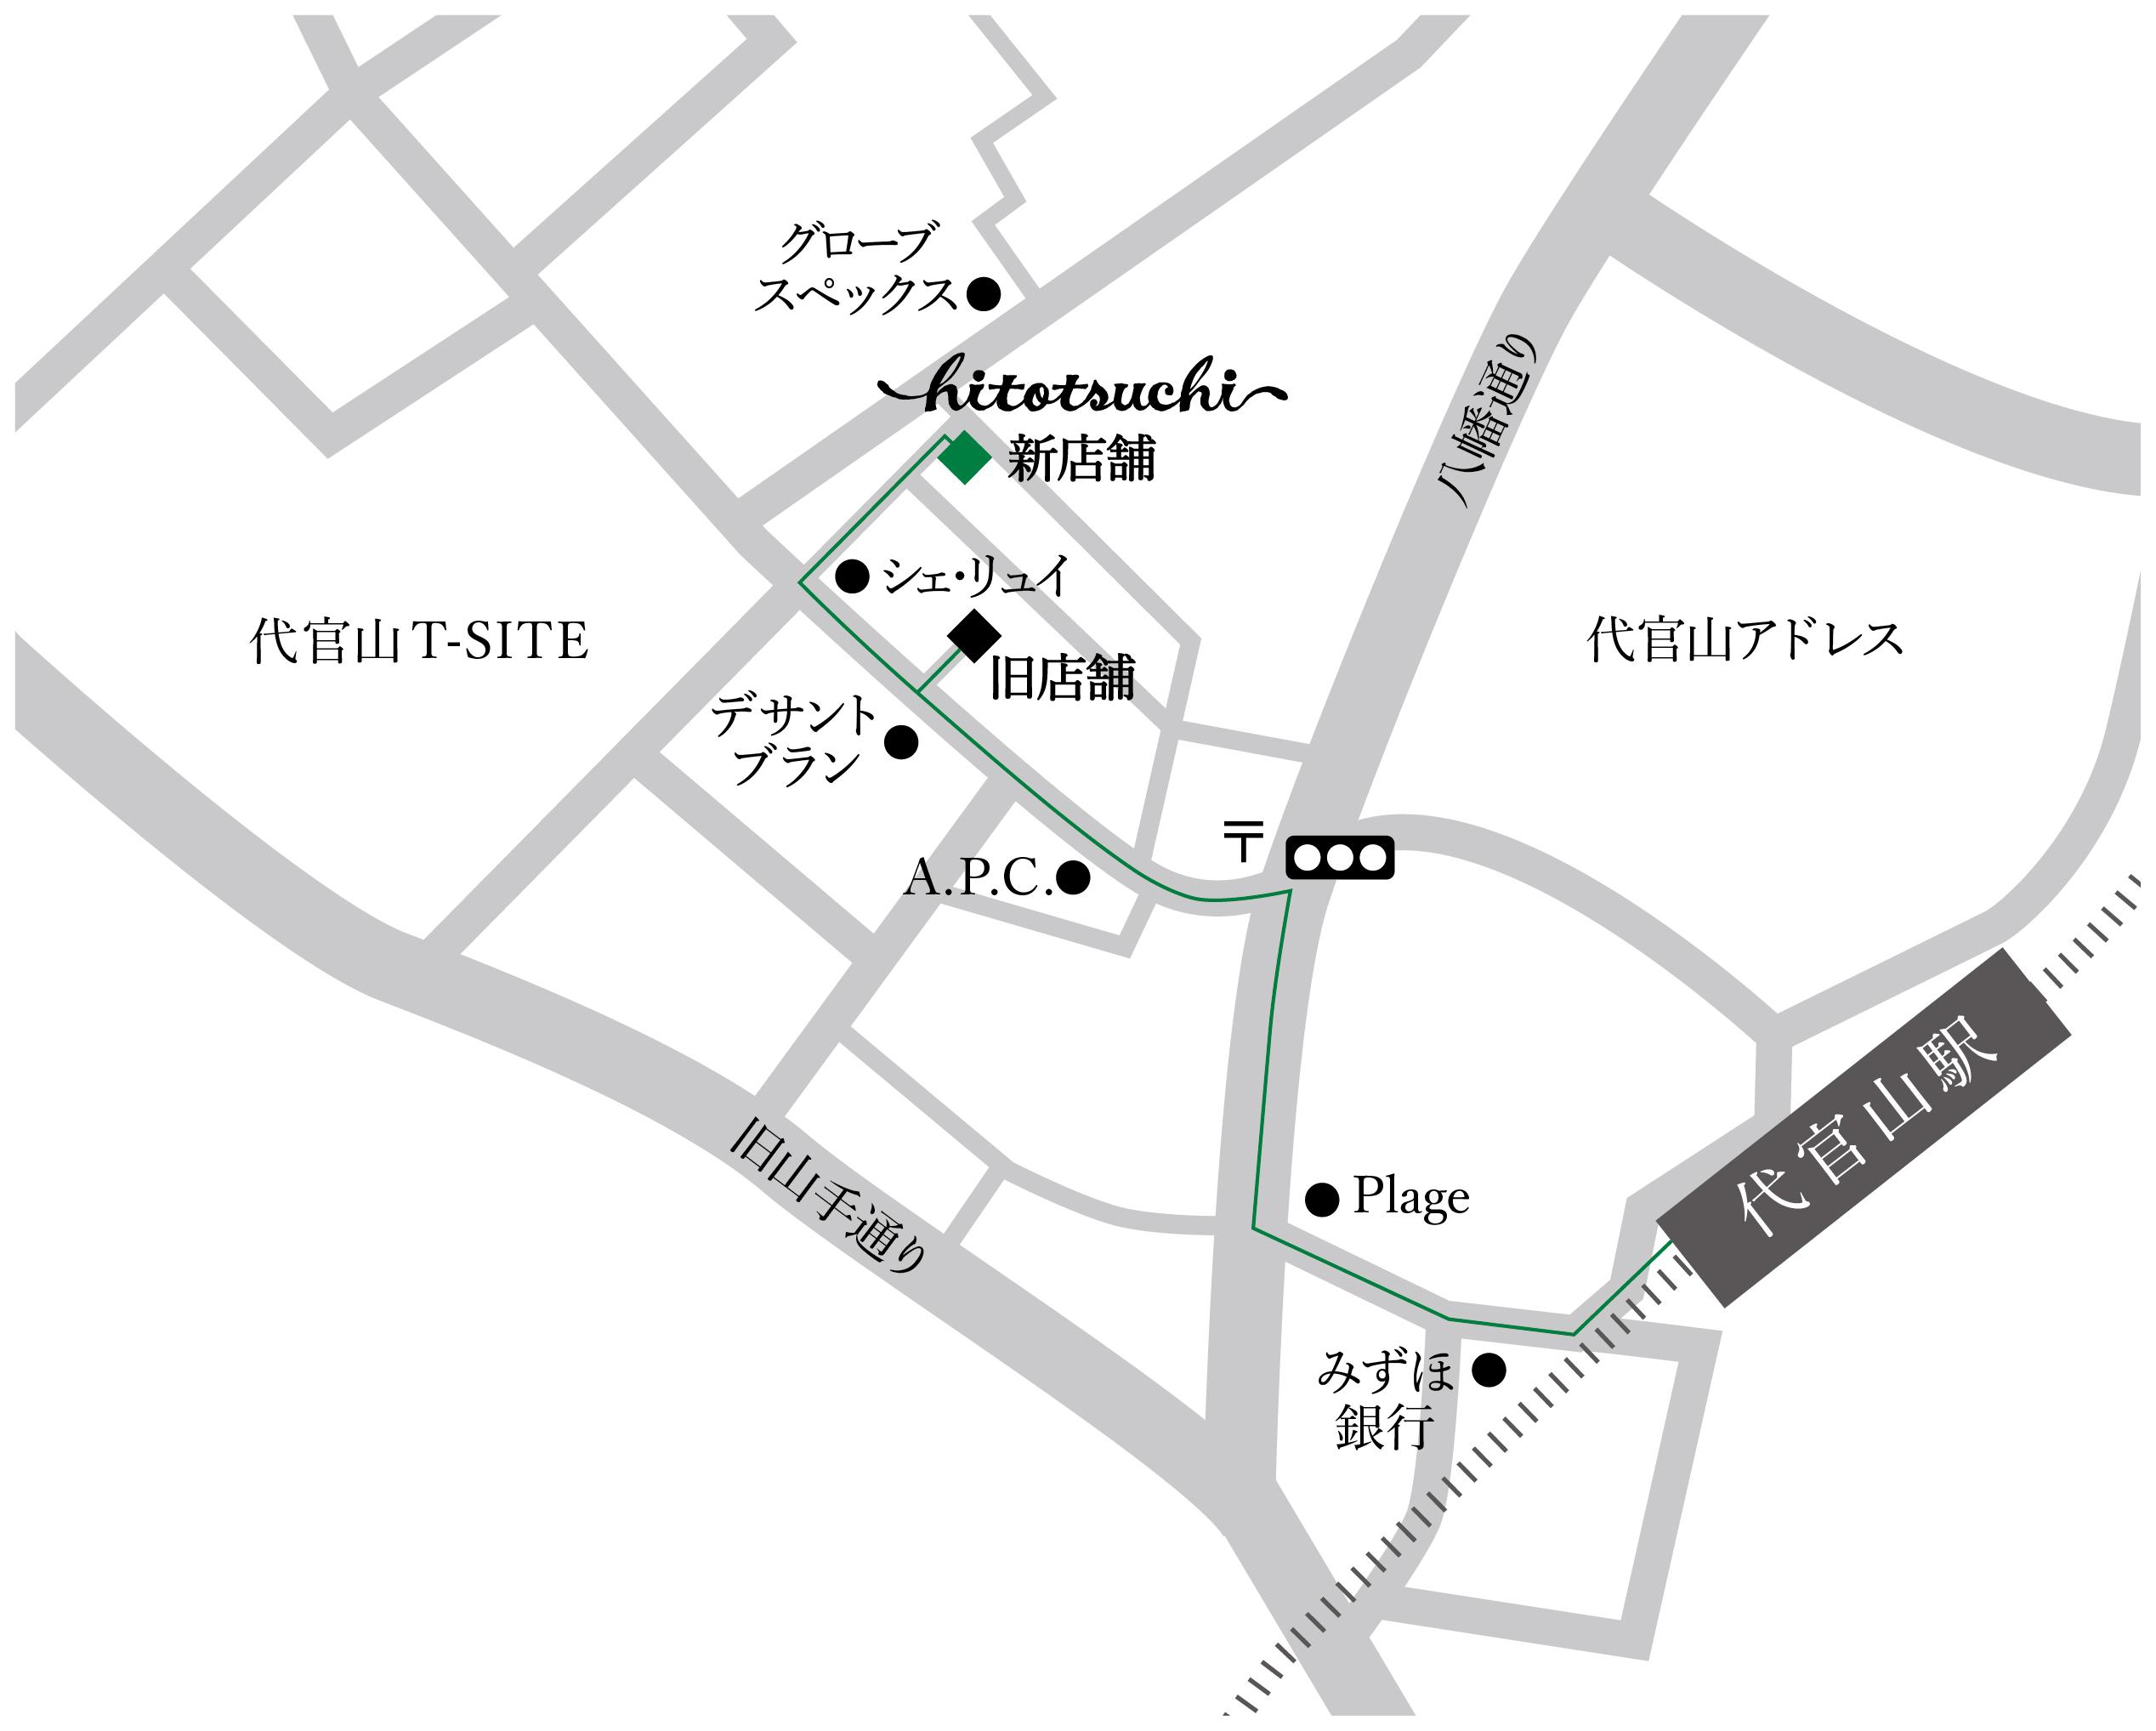 hitotsuchi 地図 map